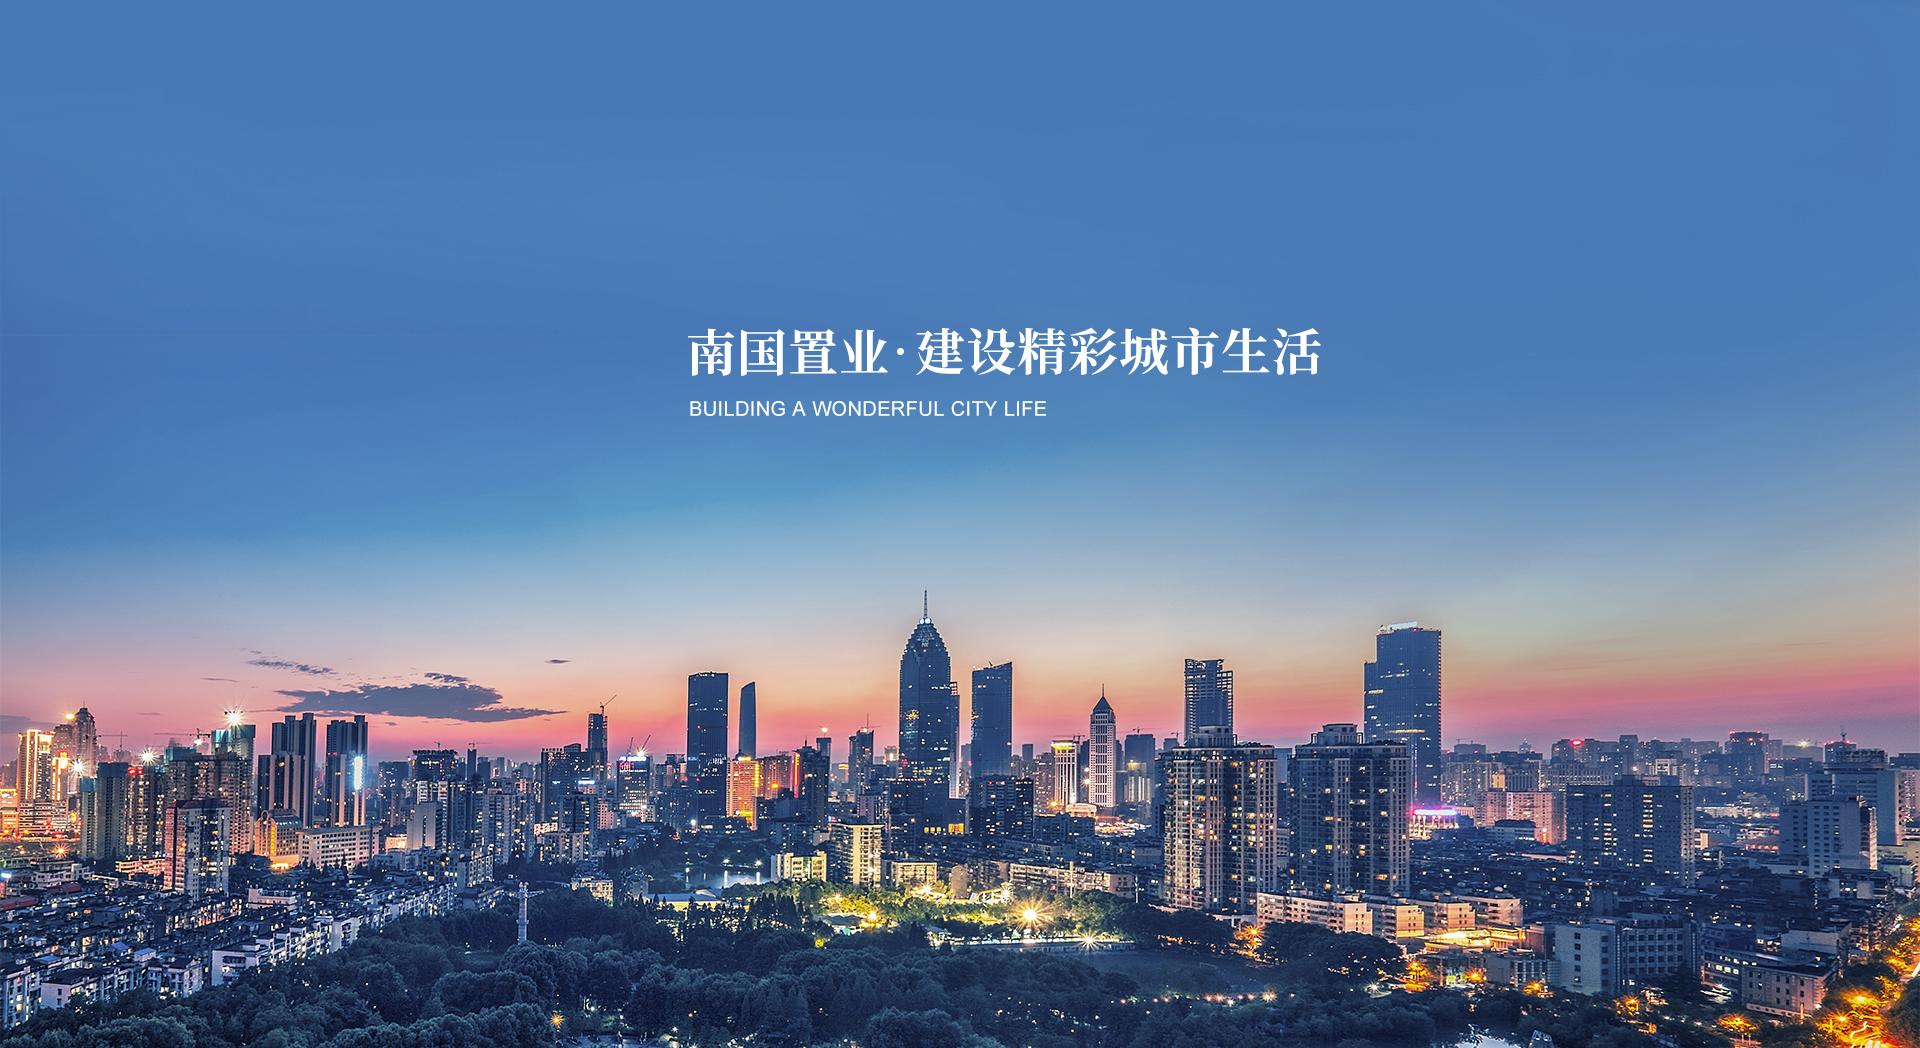 博亿堂bet98官网博亿堂bet98官网建设精彩城市生活